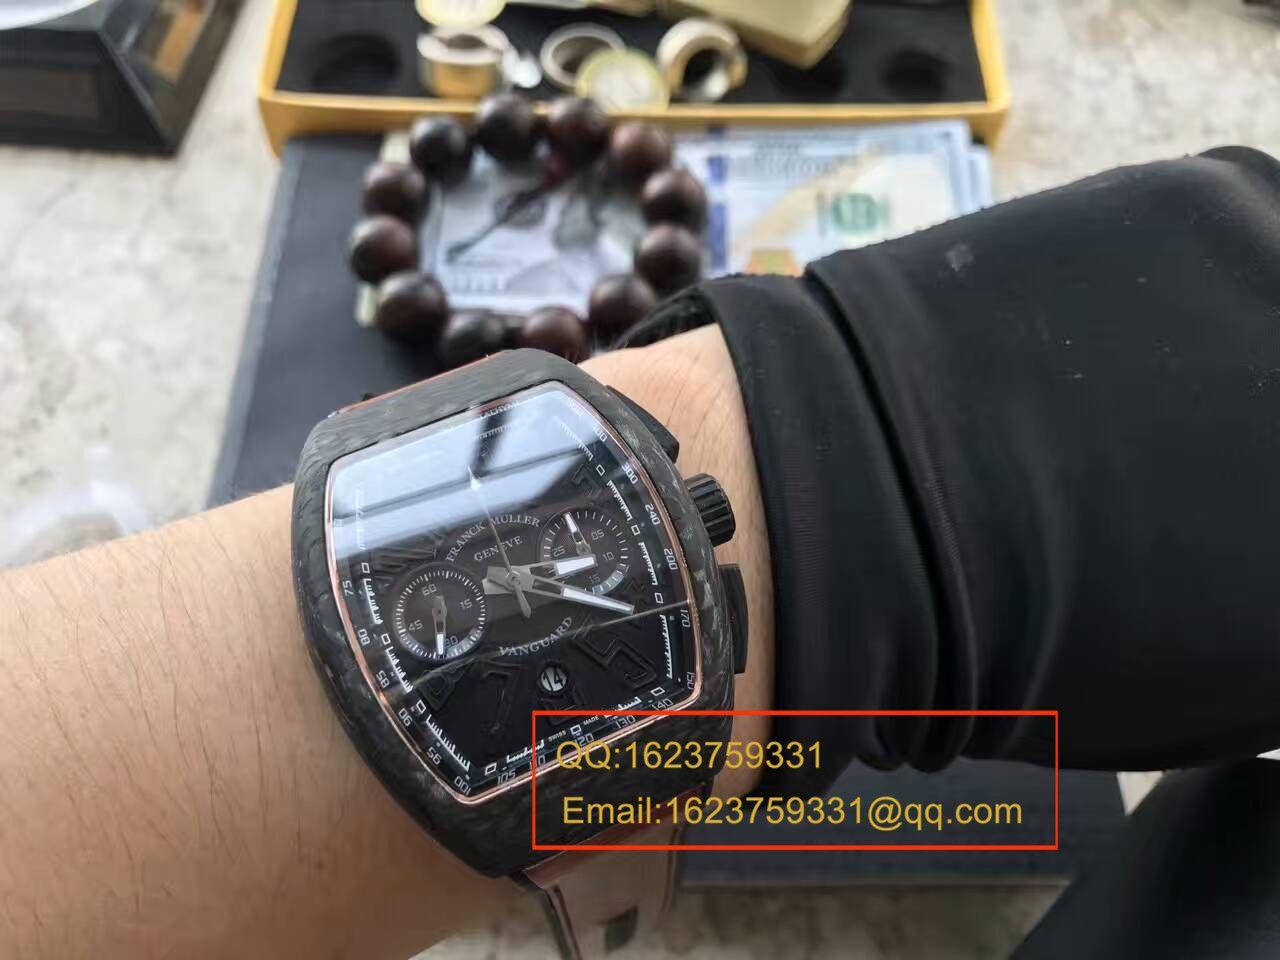 【LE1:1顶级复刻手表】法穆兰VANGUARD系列V45 SC DT BLACK PXL黑色腕表 / 法穆兰CAFL05